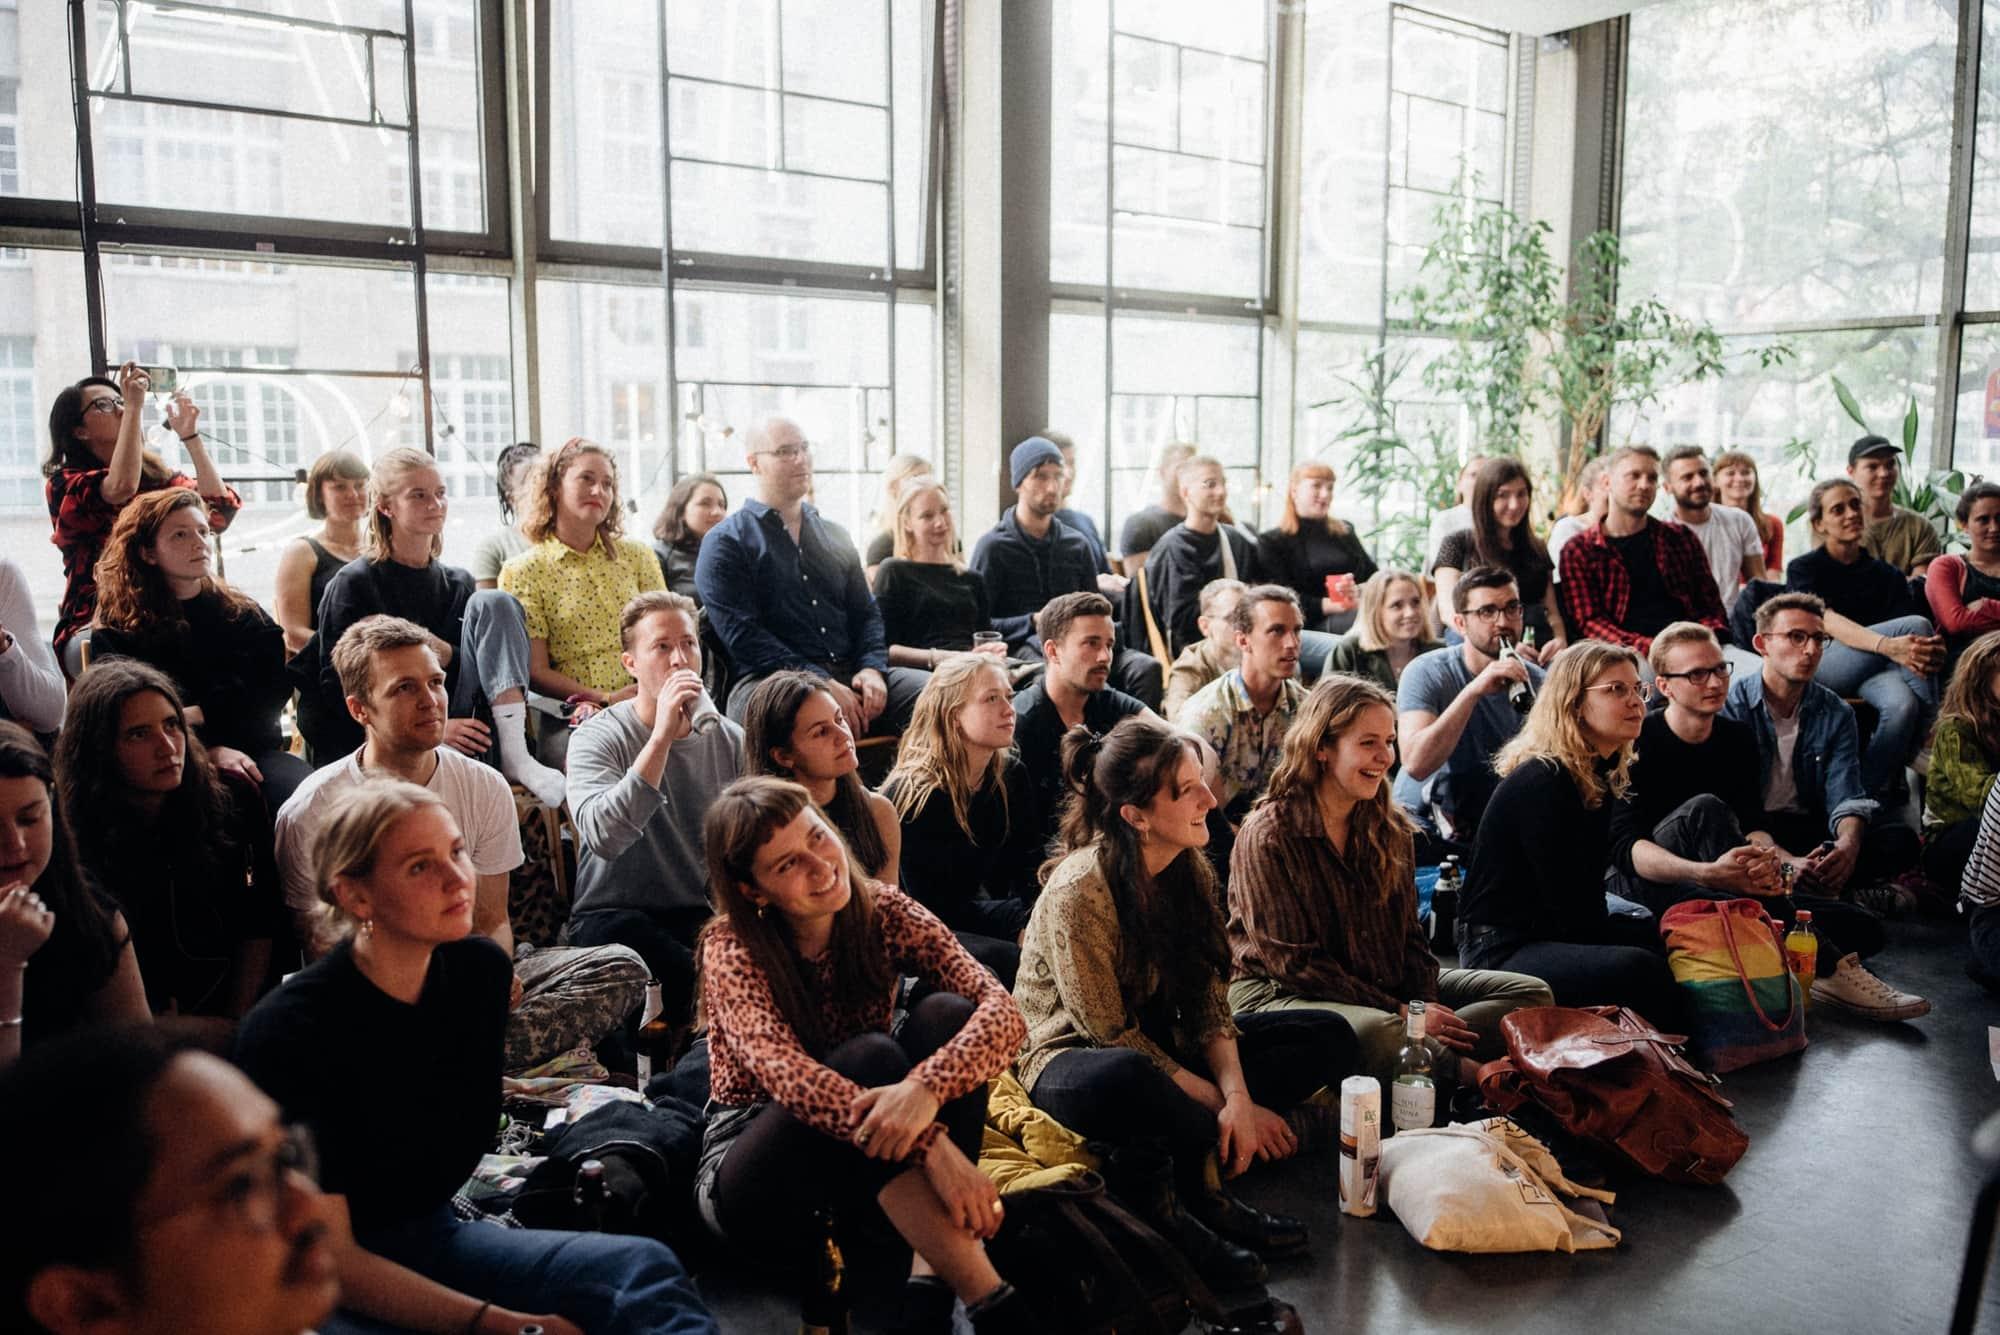 Betahaus Berlin Coworking In Berlin